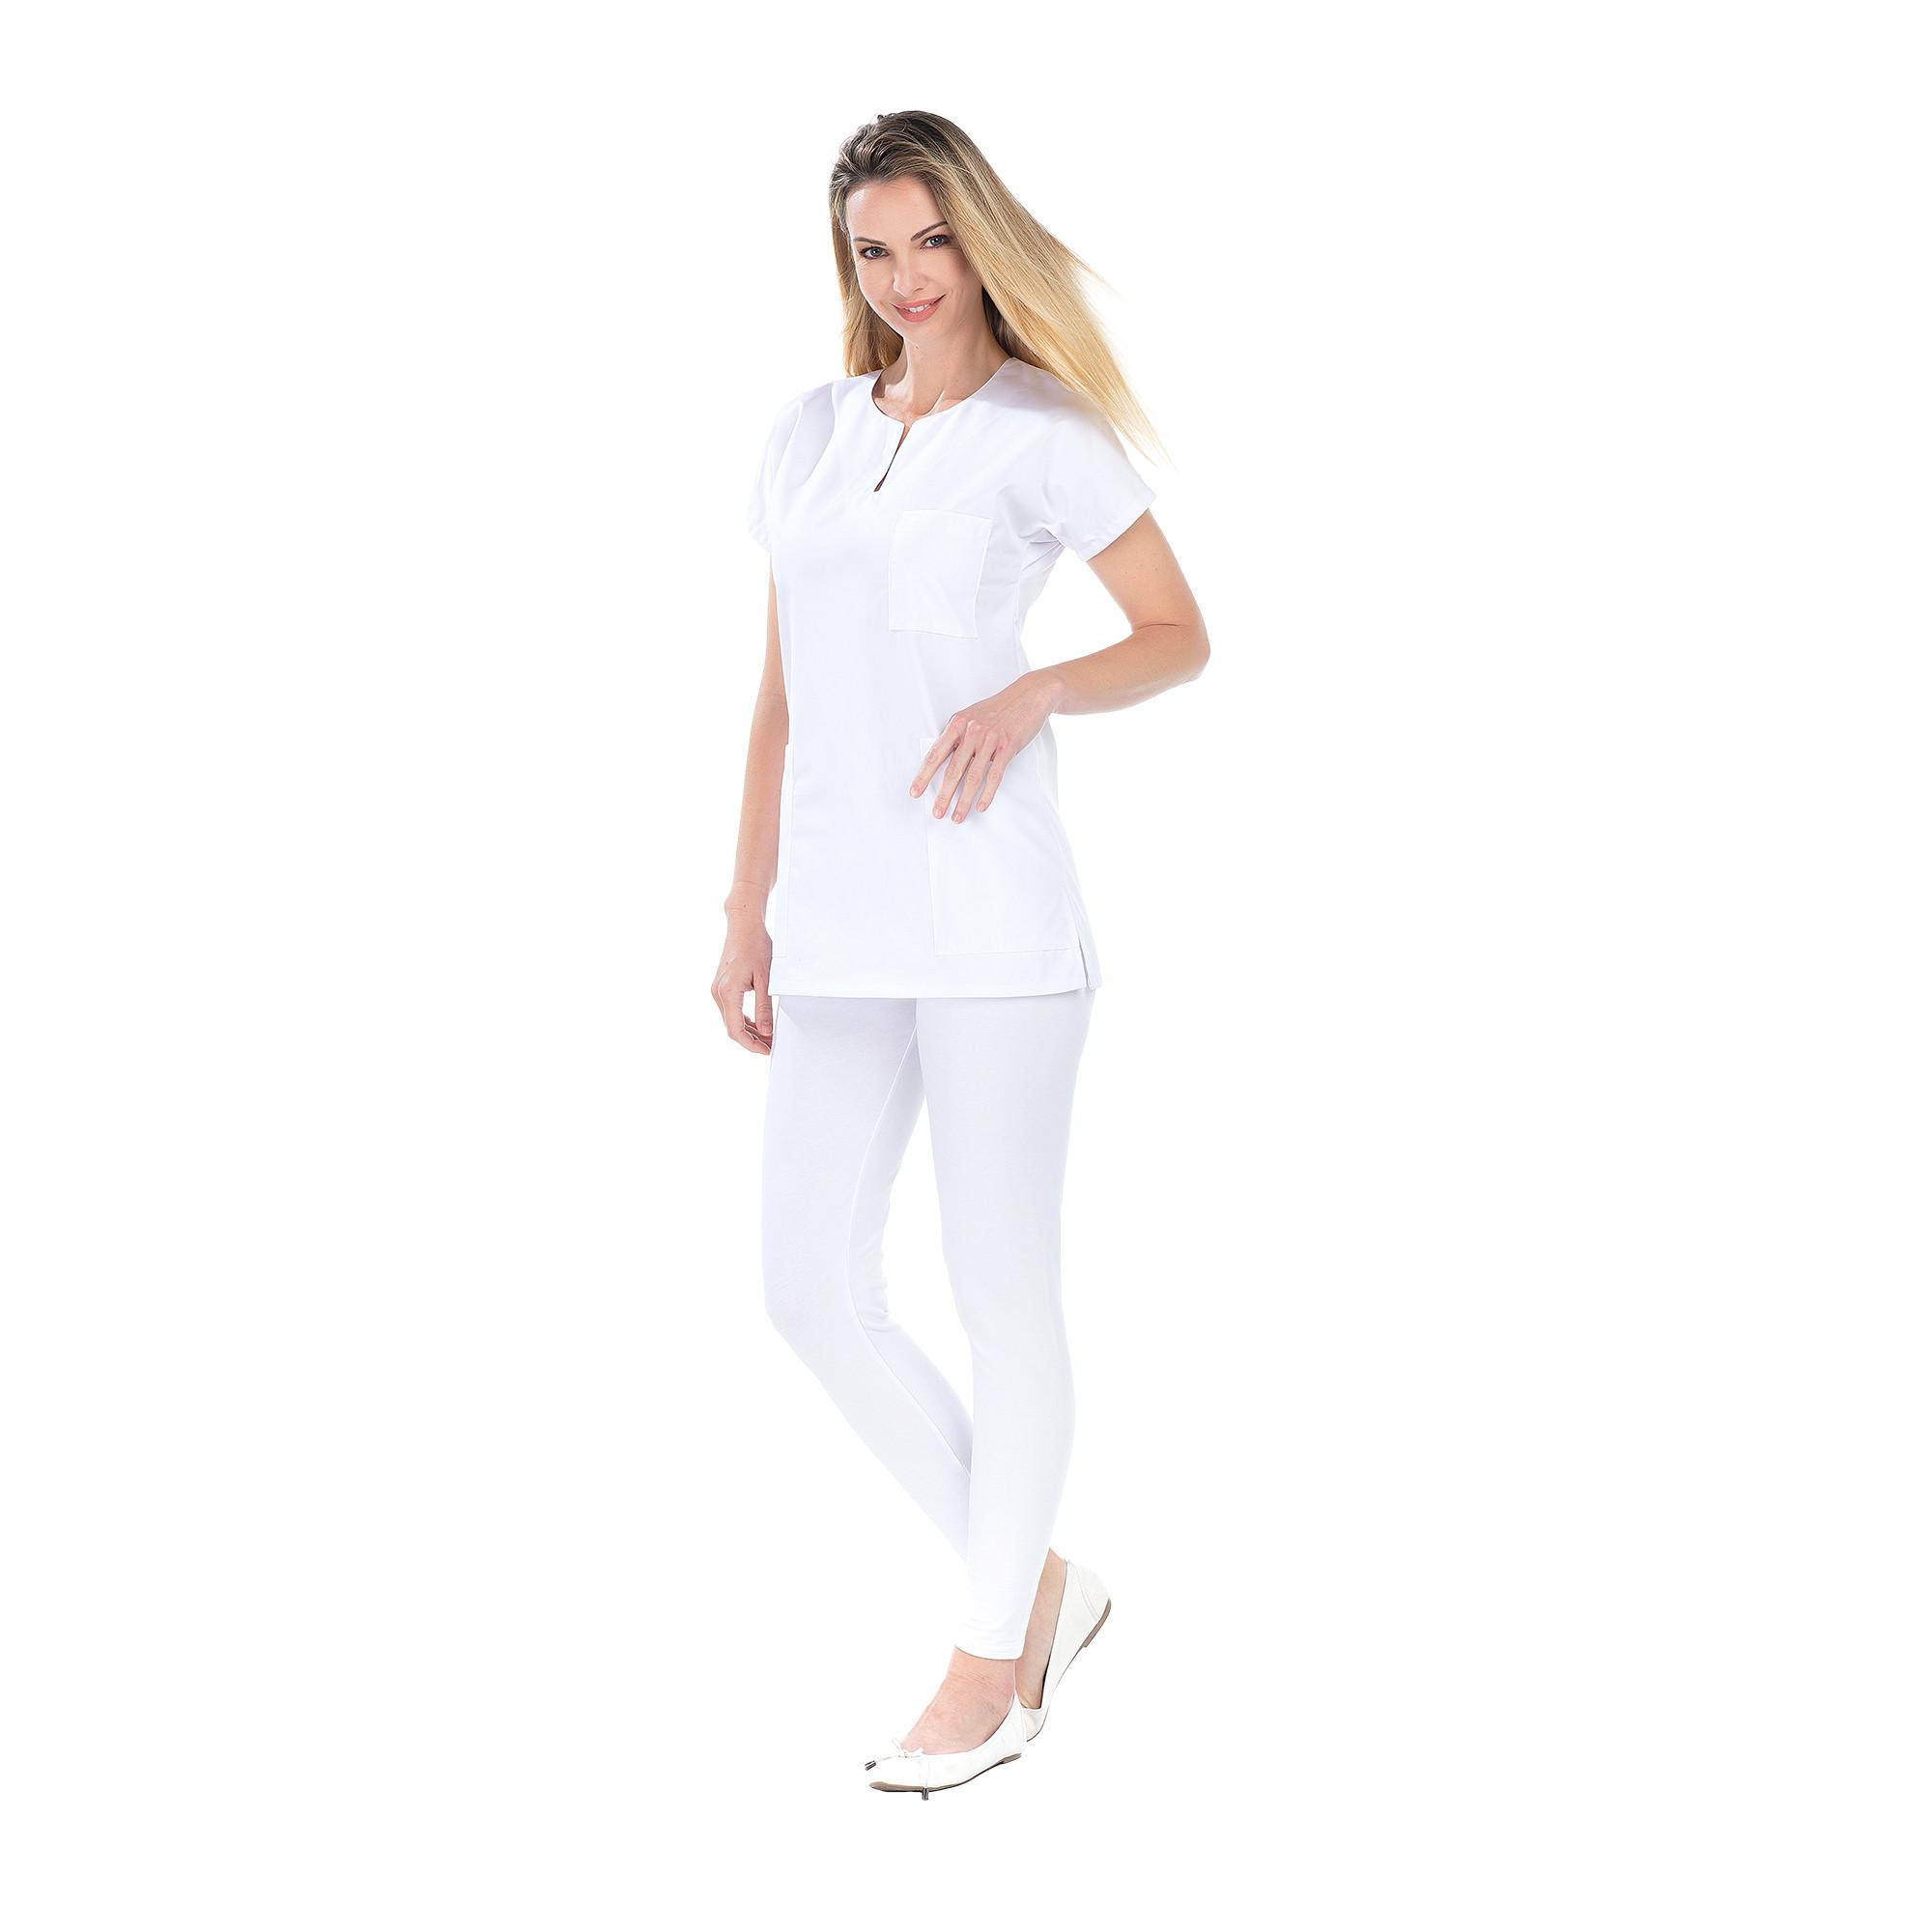 Dominique - Tunique - Manches courtes - Femme - 75 cm